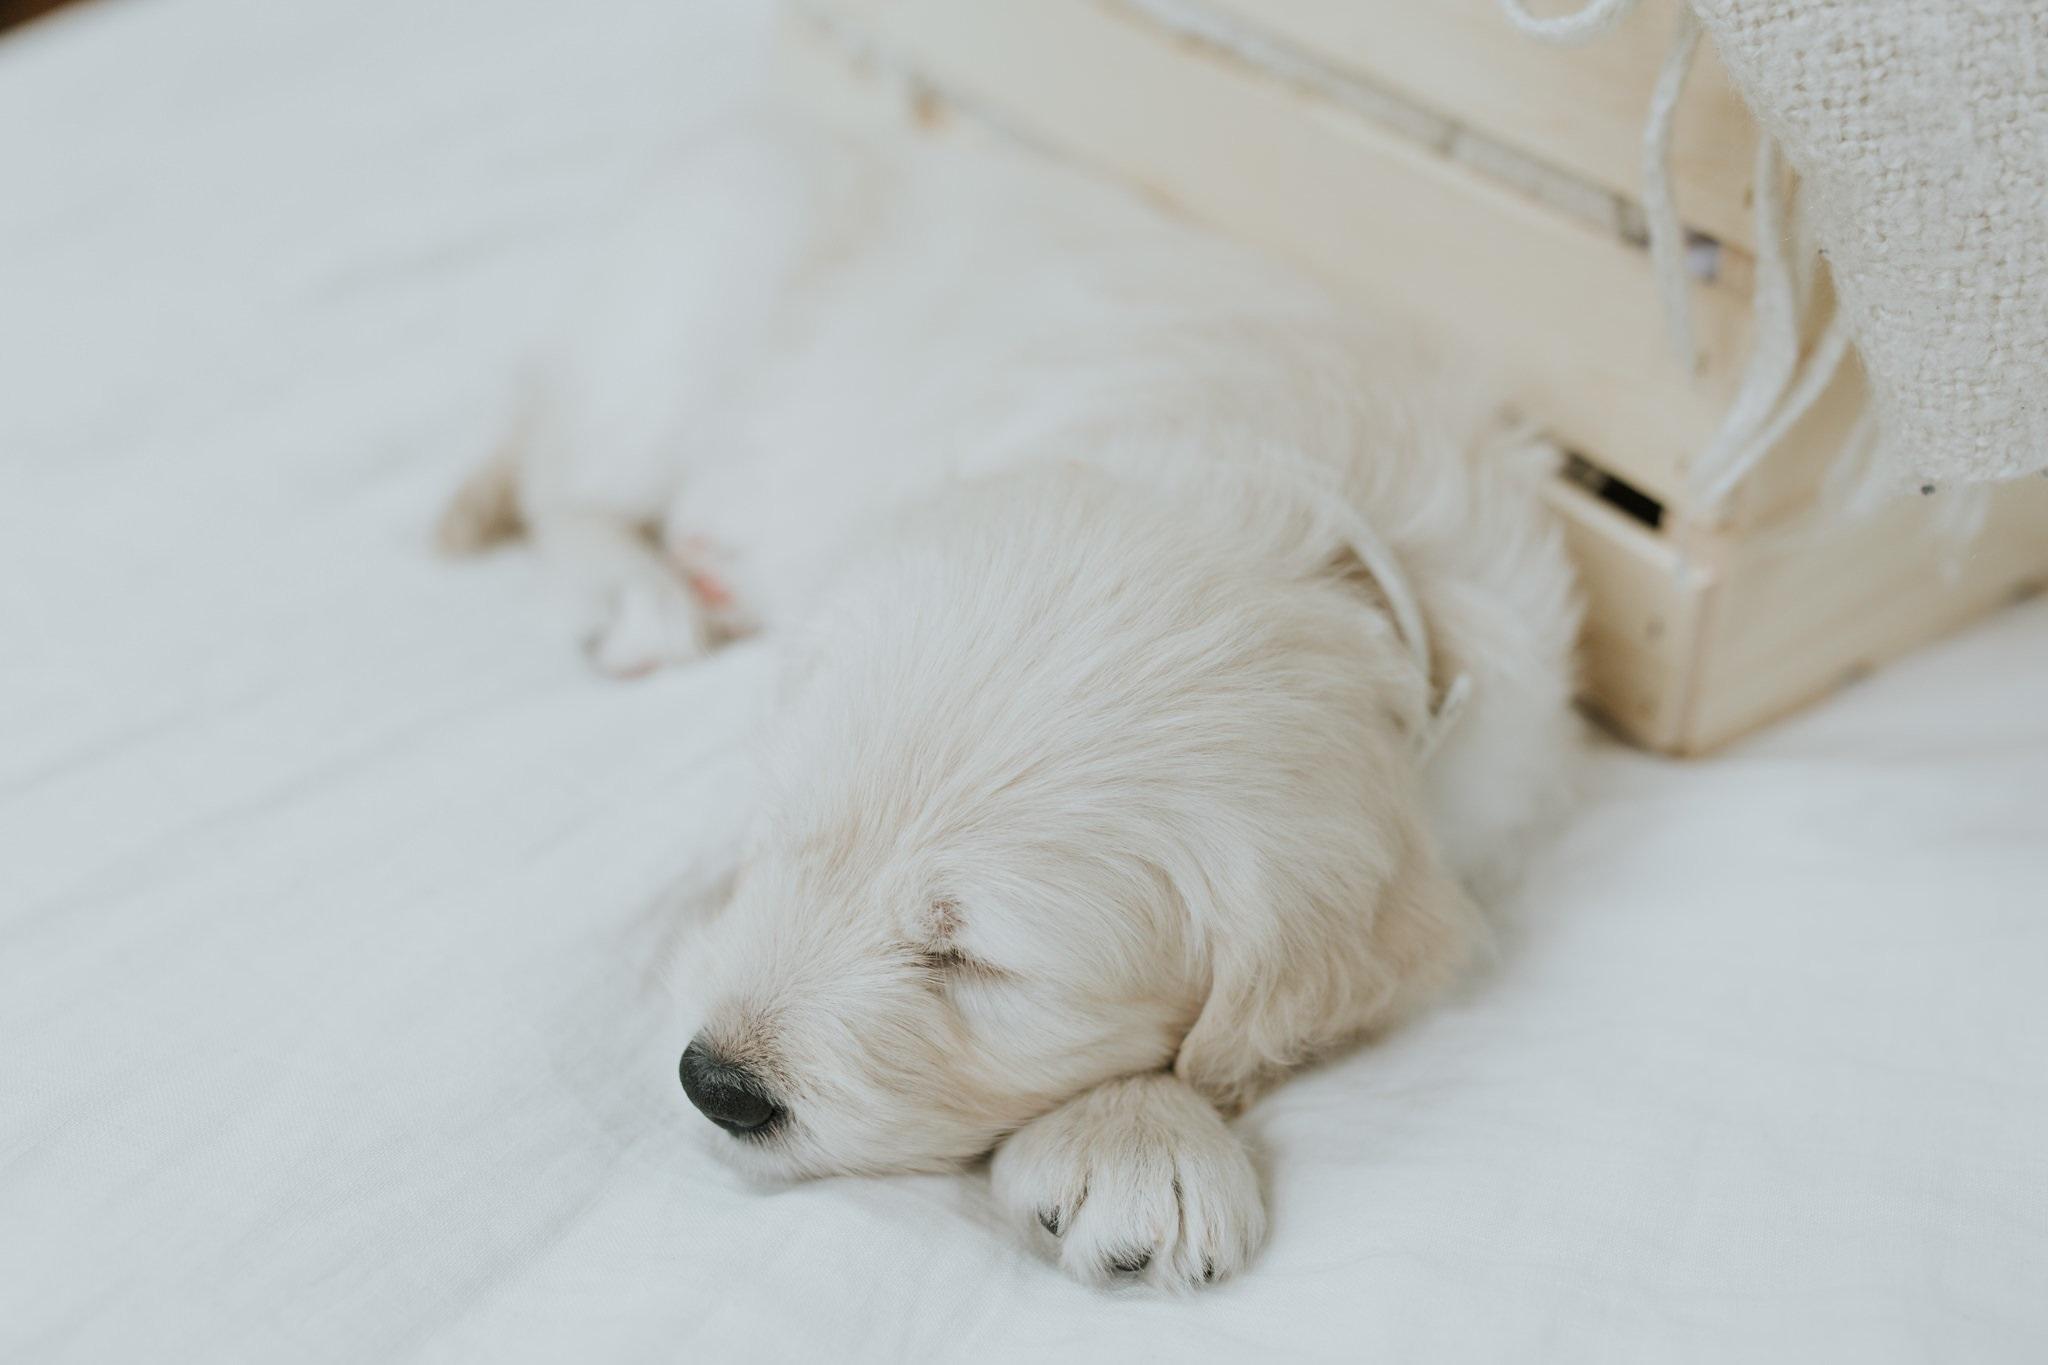 Puppies-Week-6-14.jpg